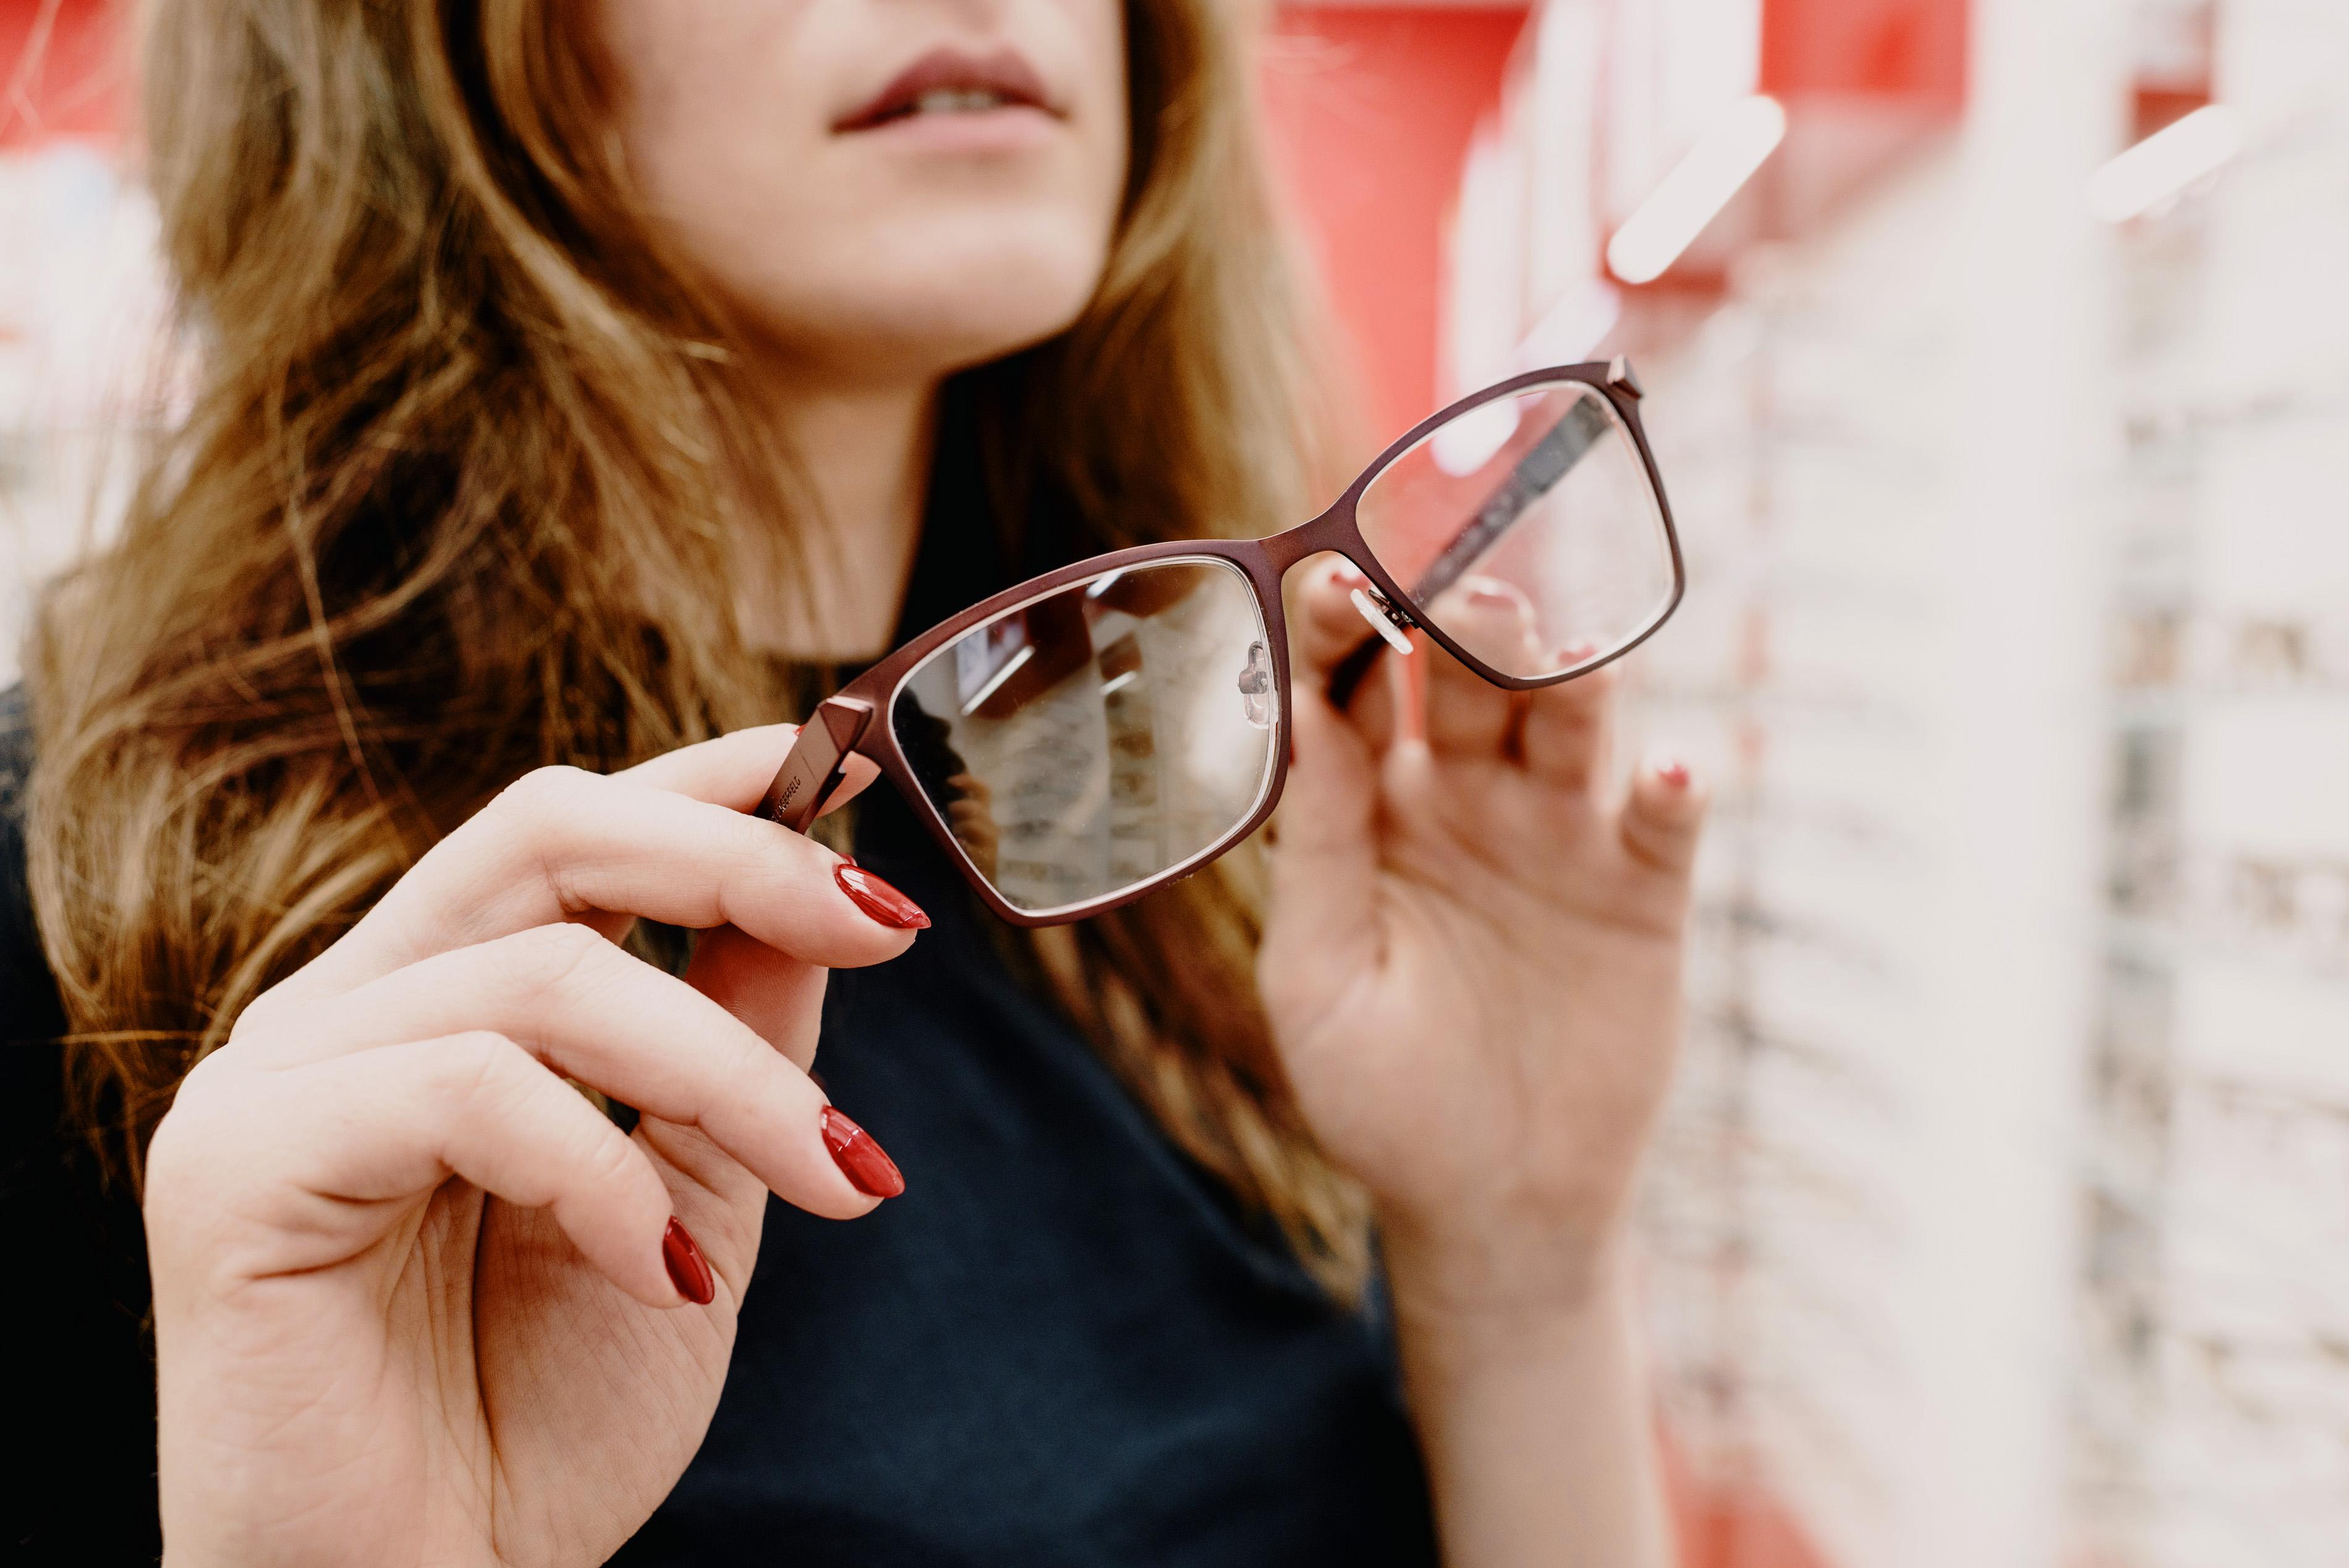 woman choosing glasses in eyewear store